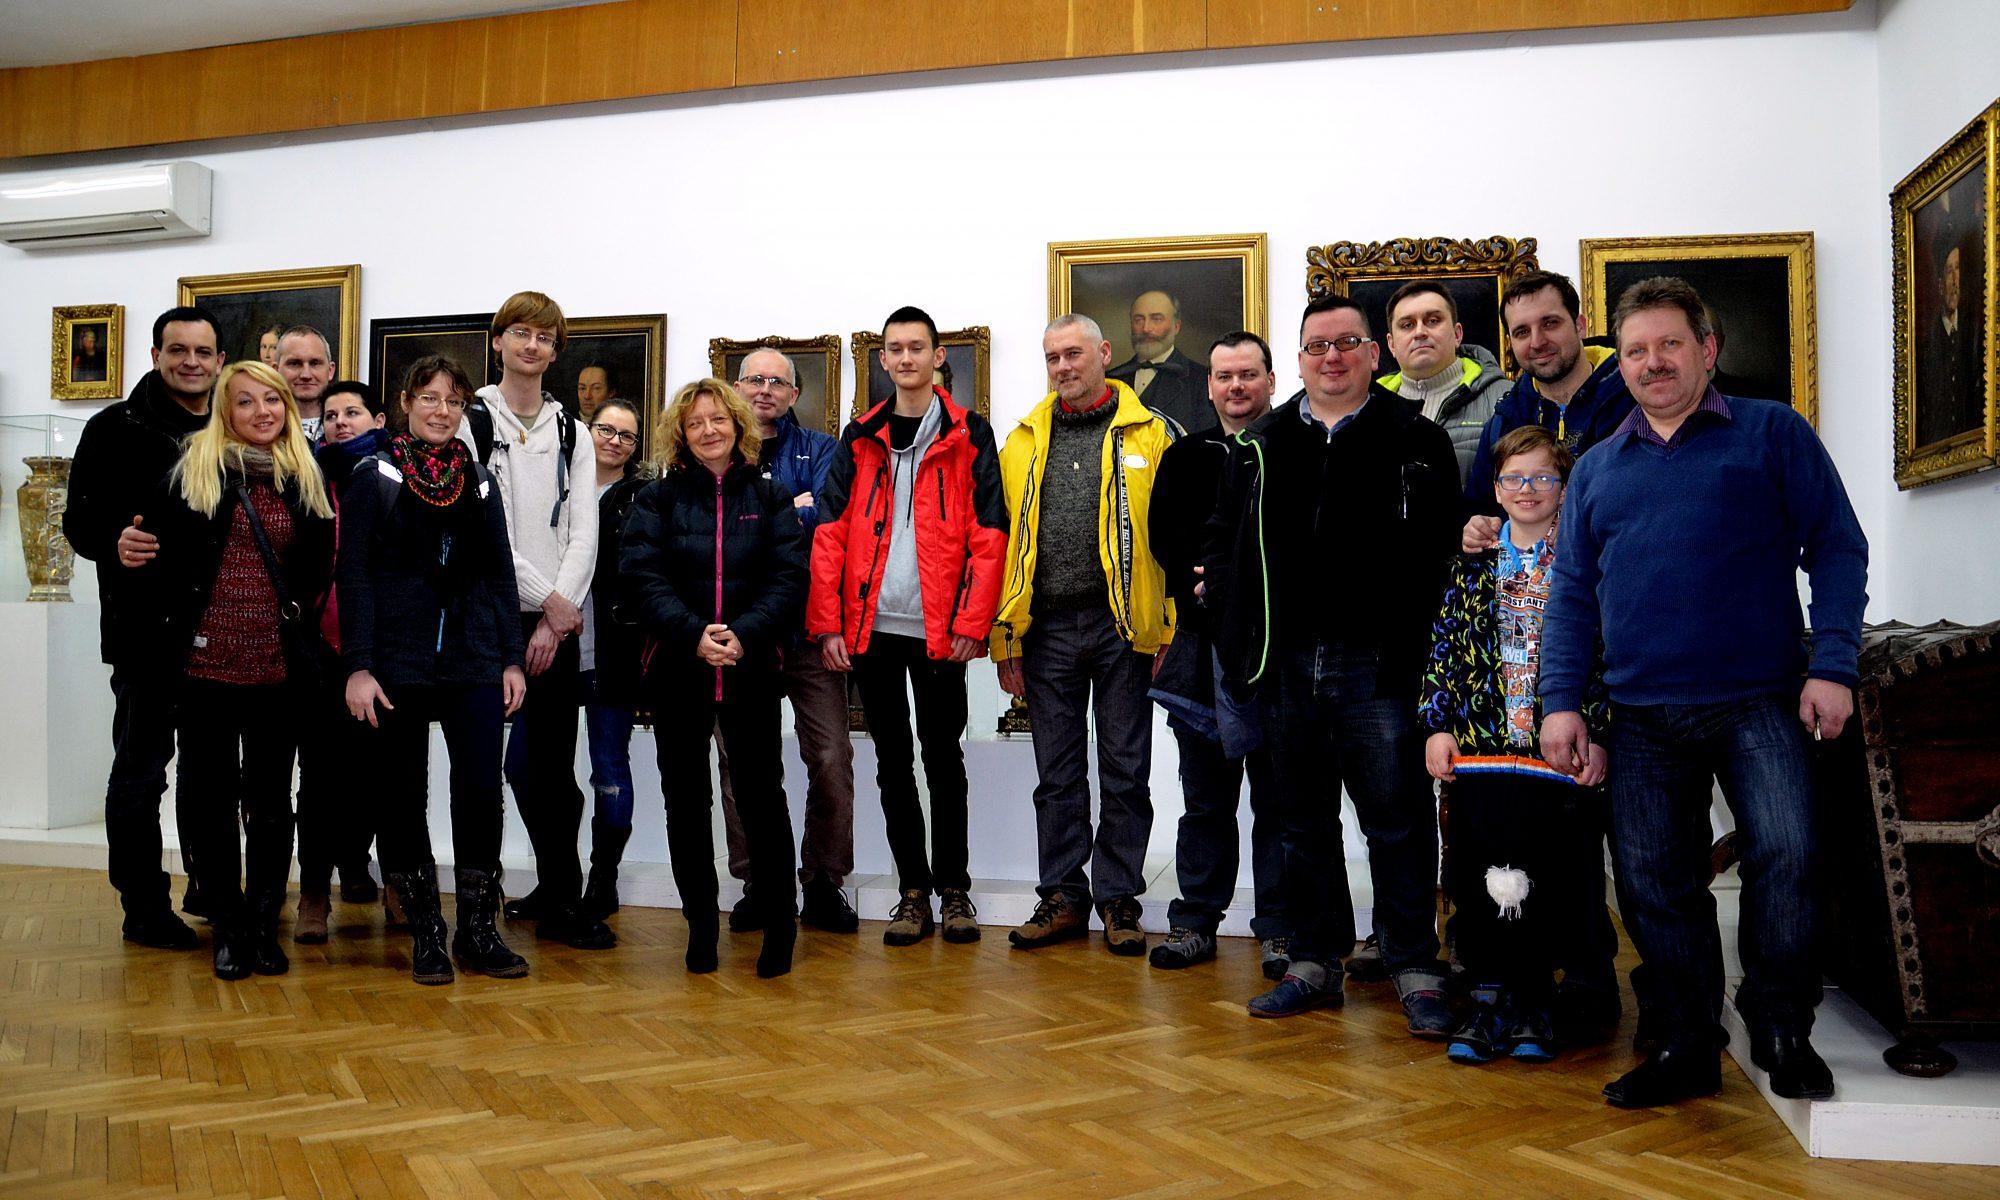 GC JASŁO TEAM w Muzeum Regionalnym w Jaśle.